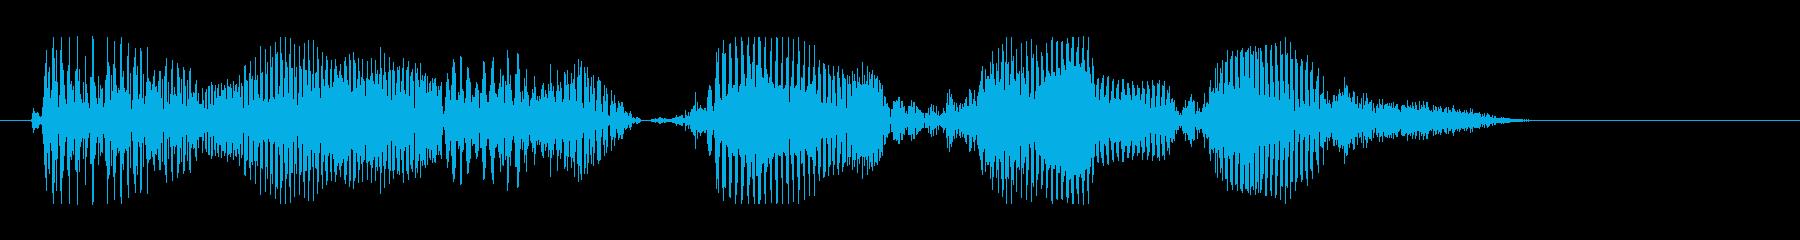 ダメージ限界ですの再生済みの波形